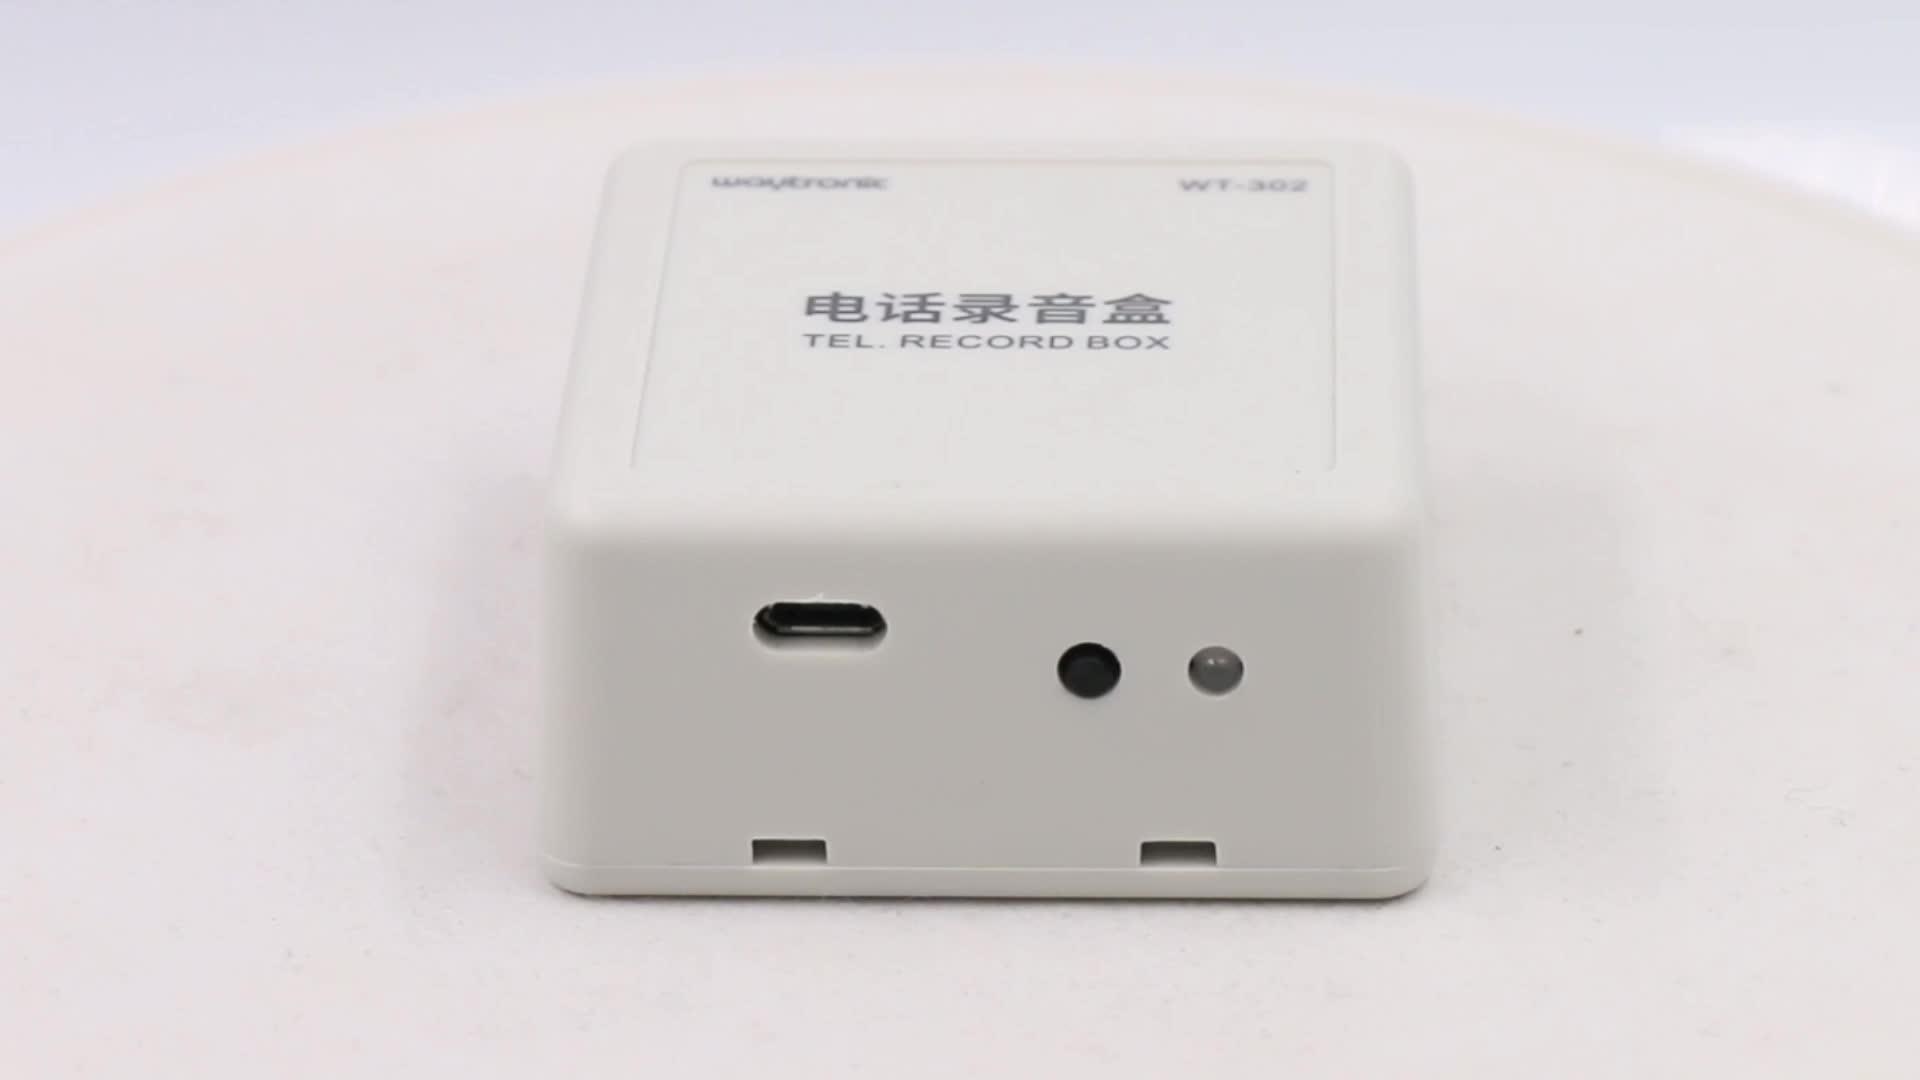 Festnetz Telefon Call Recorder Gerät für Telefon Automatische Anruf Aufnahme auf Analog Linien